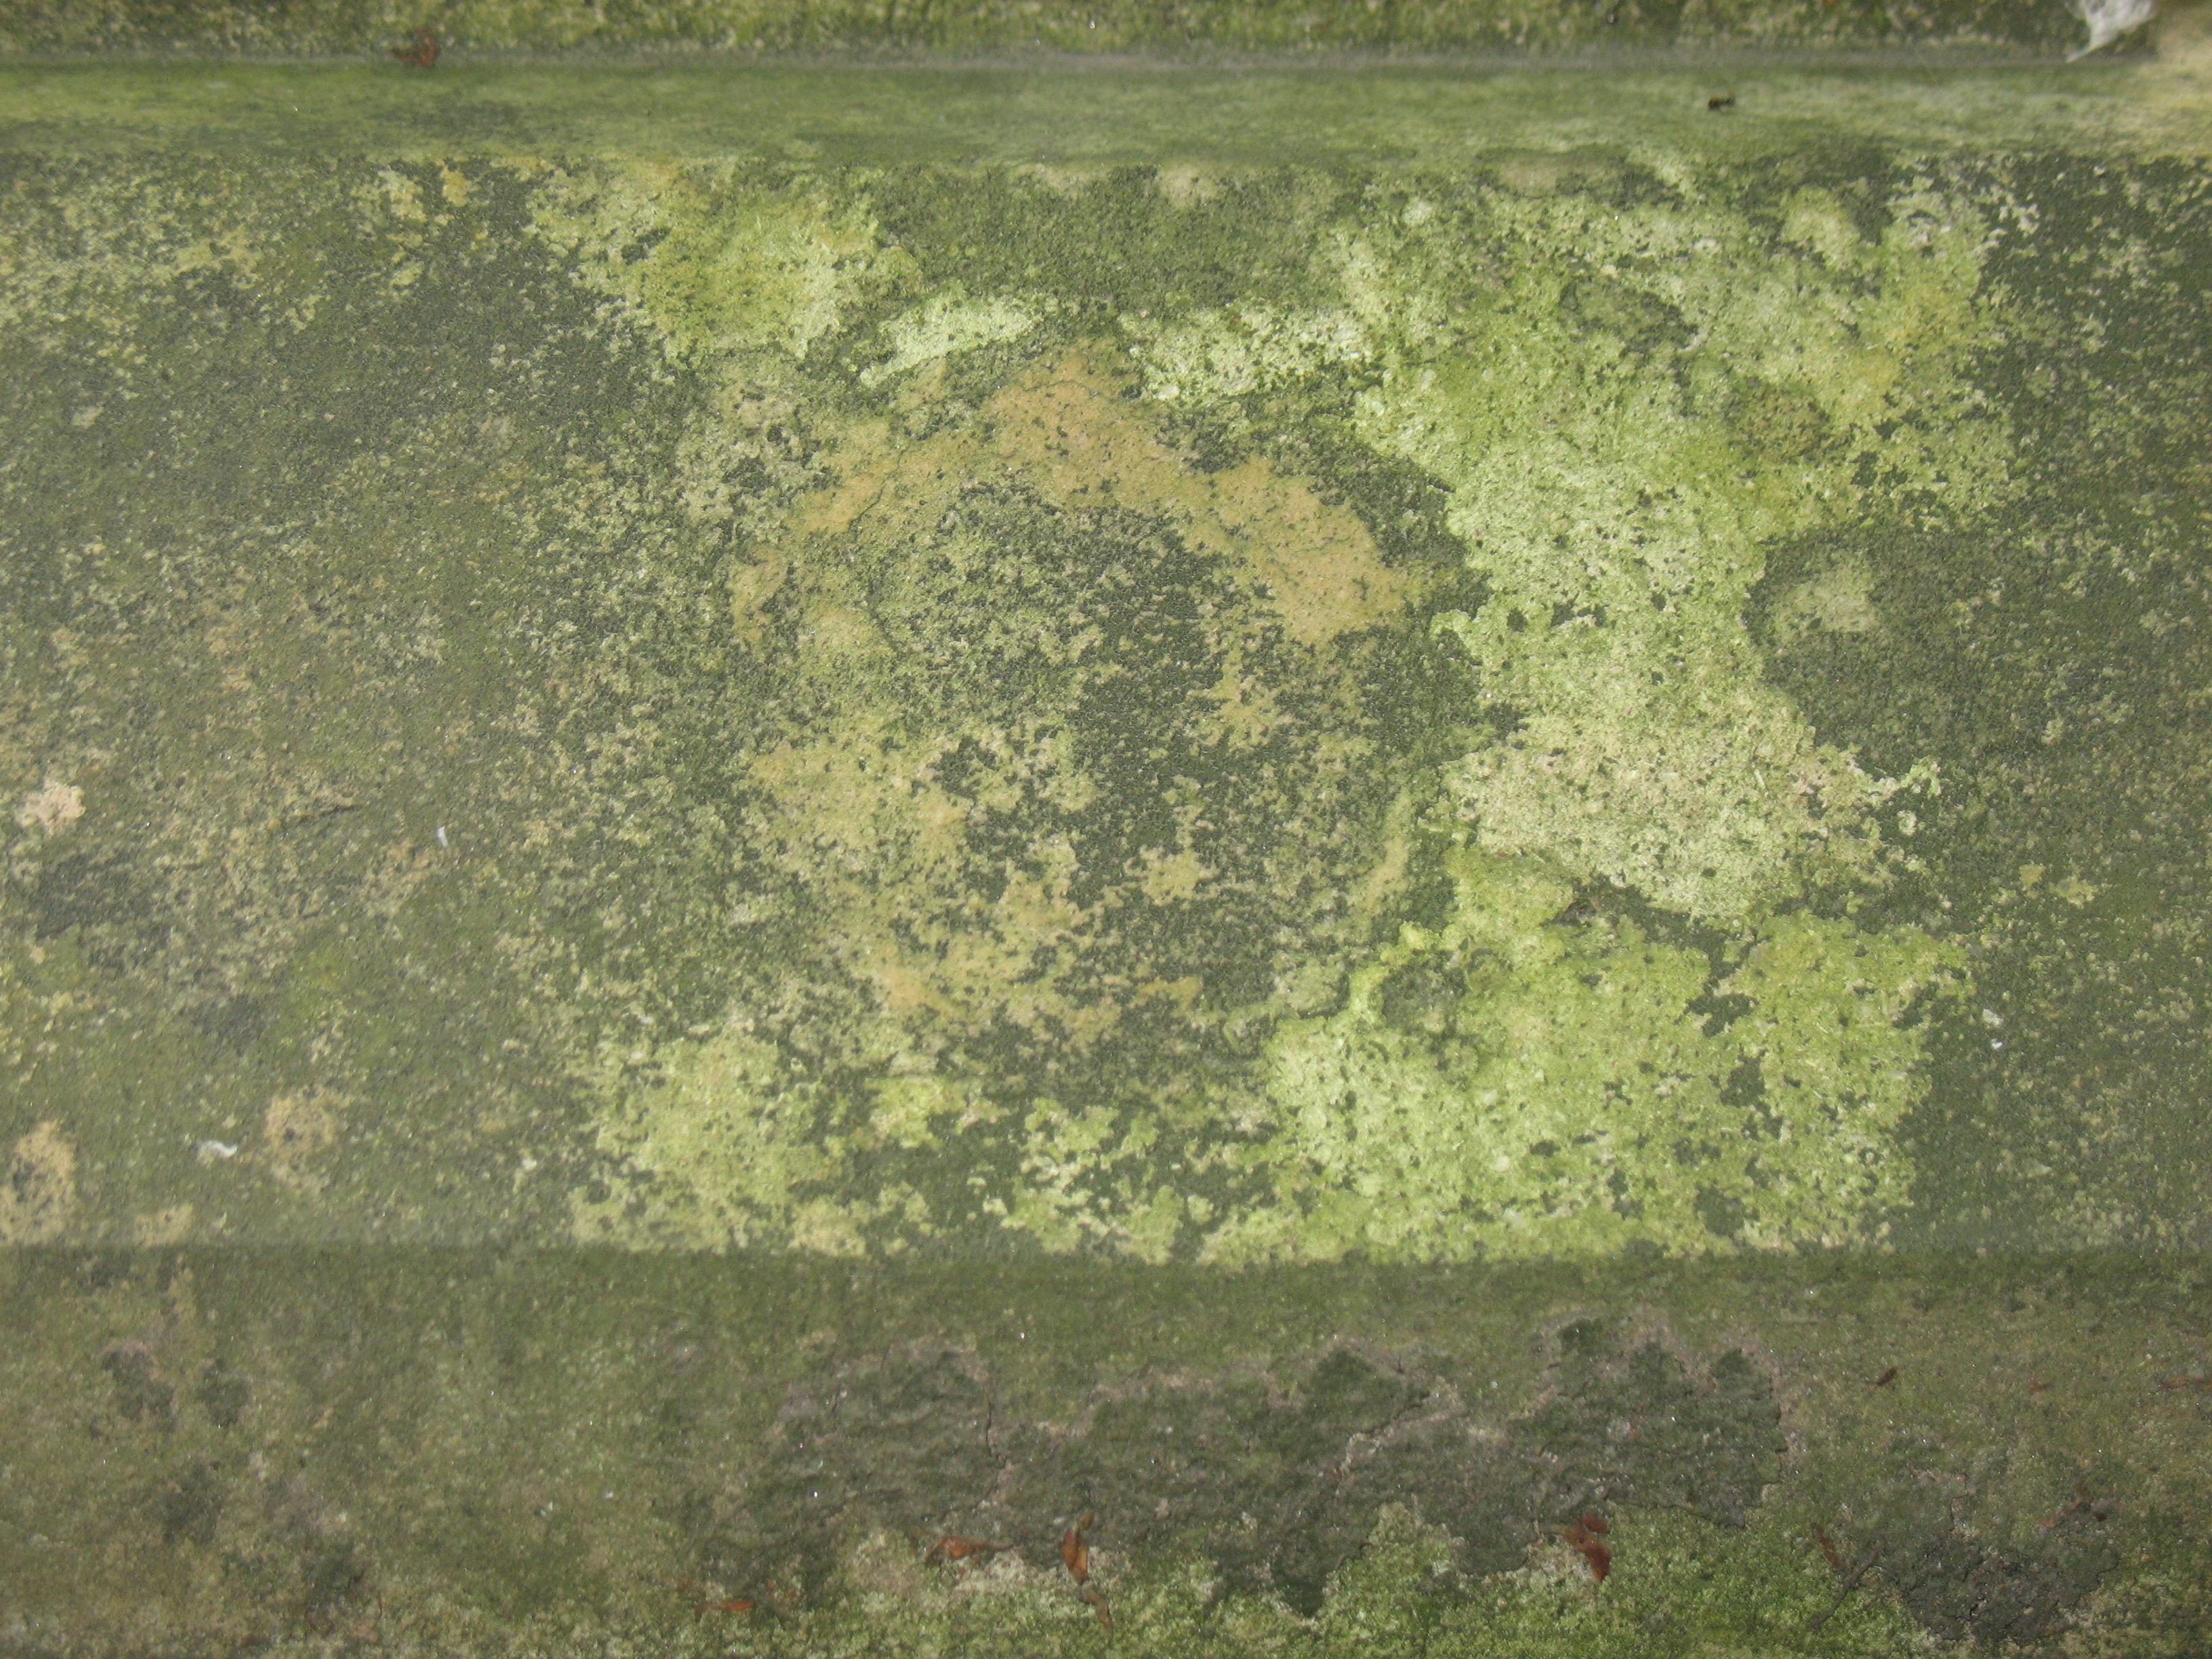 Налет водорослей на путиловском известняке